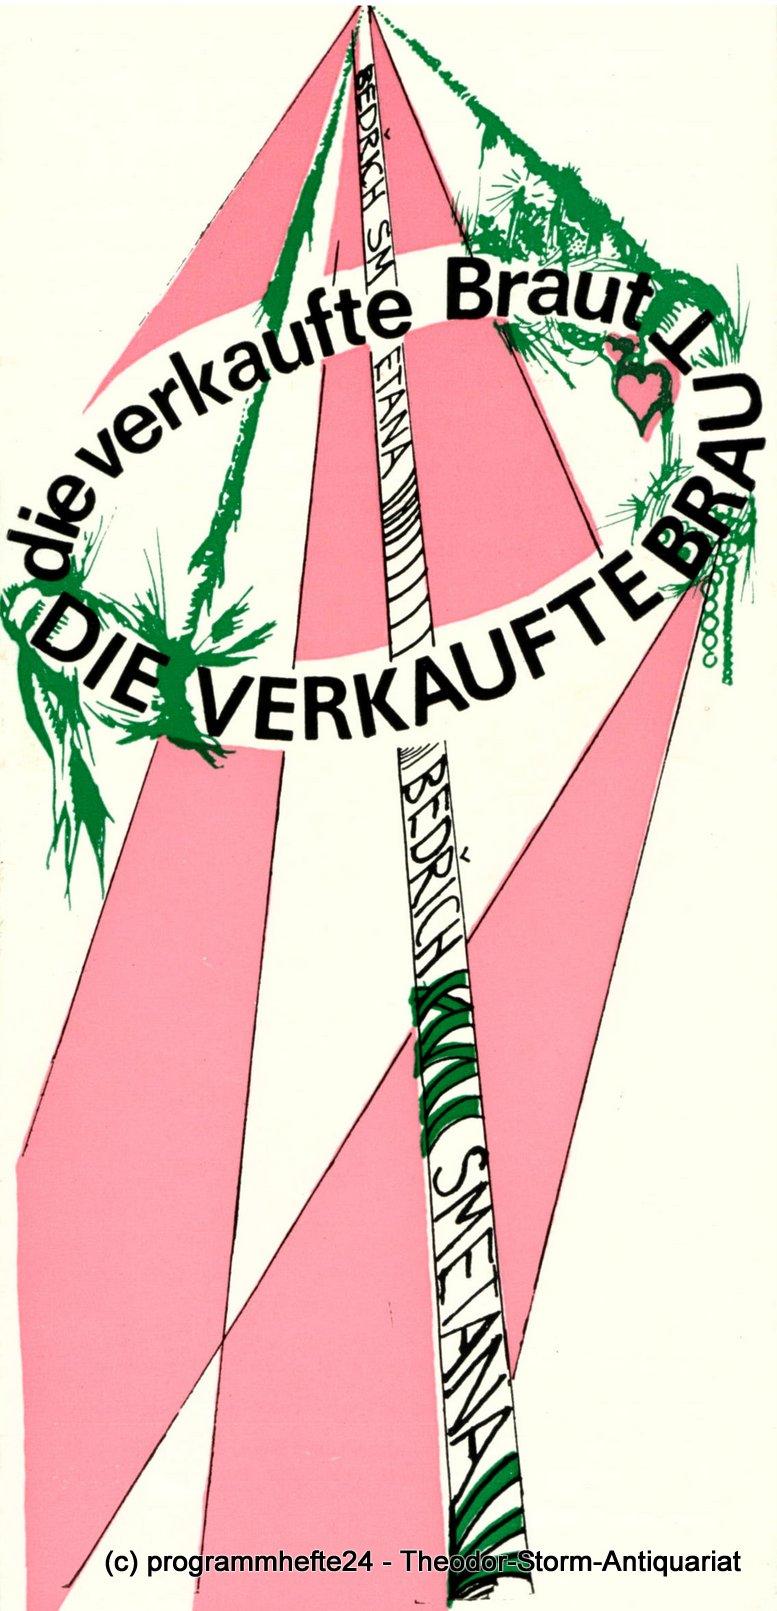 Programmheft Die verkaufte Braut. Stadttheater Freiberg 1980